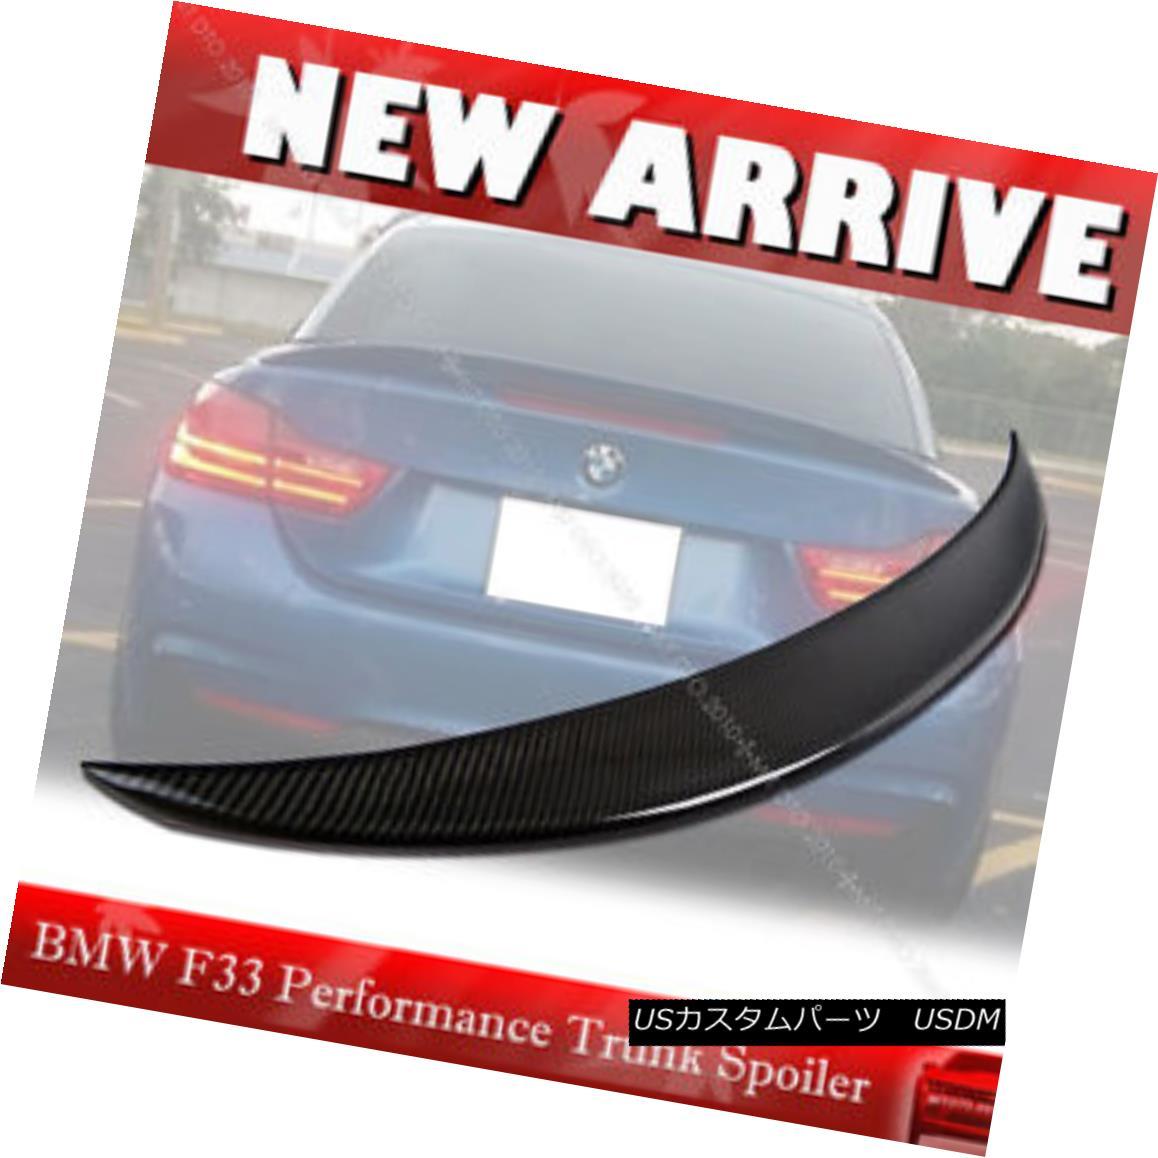 エアロパーツ Carbon Fiber BMW F33 4-Series Performance P Type Rear Boot Trunk Spoiler Wing § カーボンファイバーBMW F33 4シリーズパフォーマンスPタイプリアブーツトランクスポイラーウィング